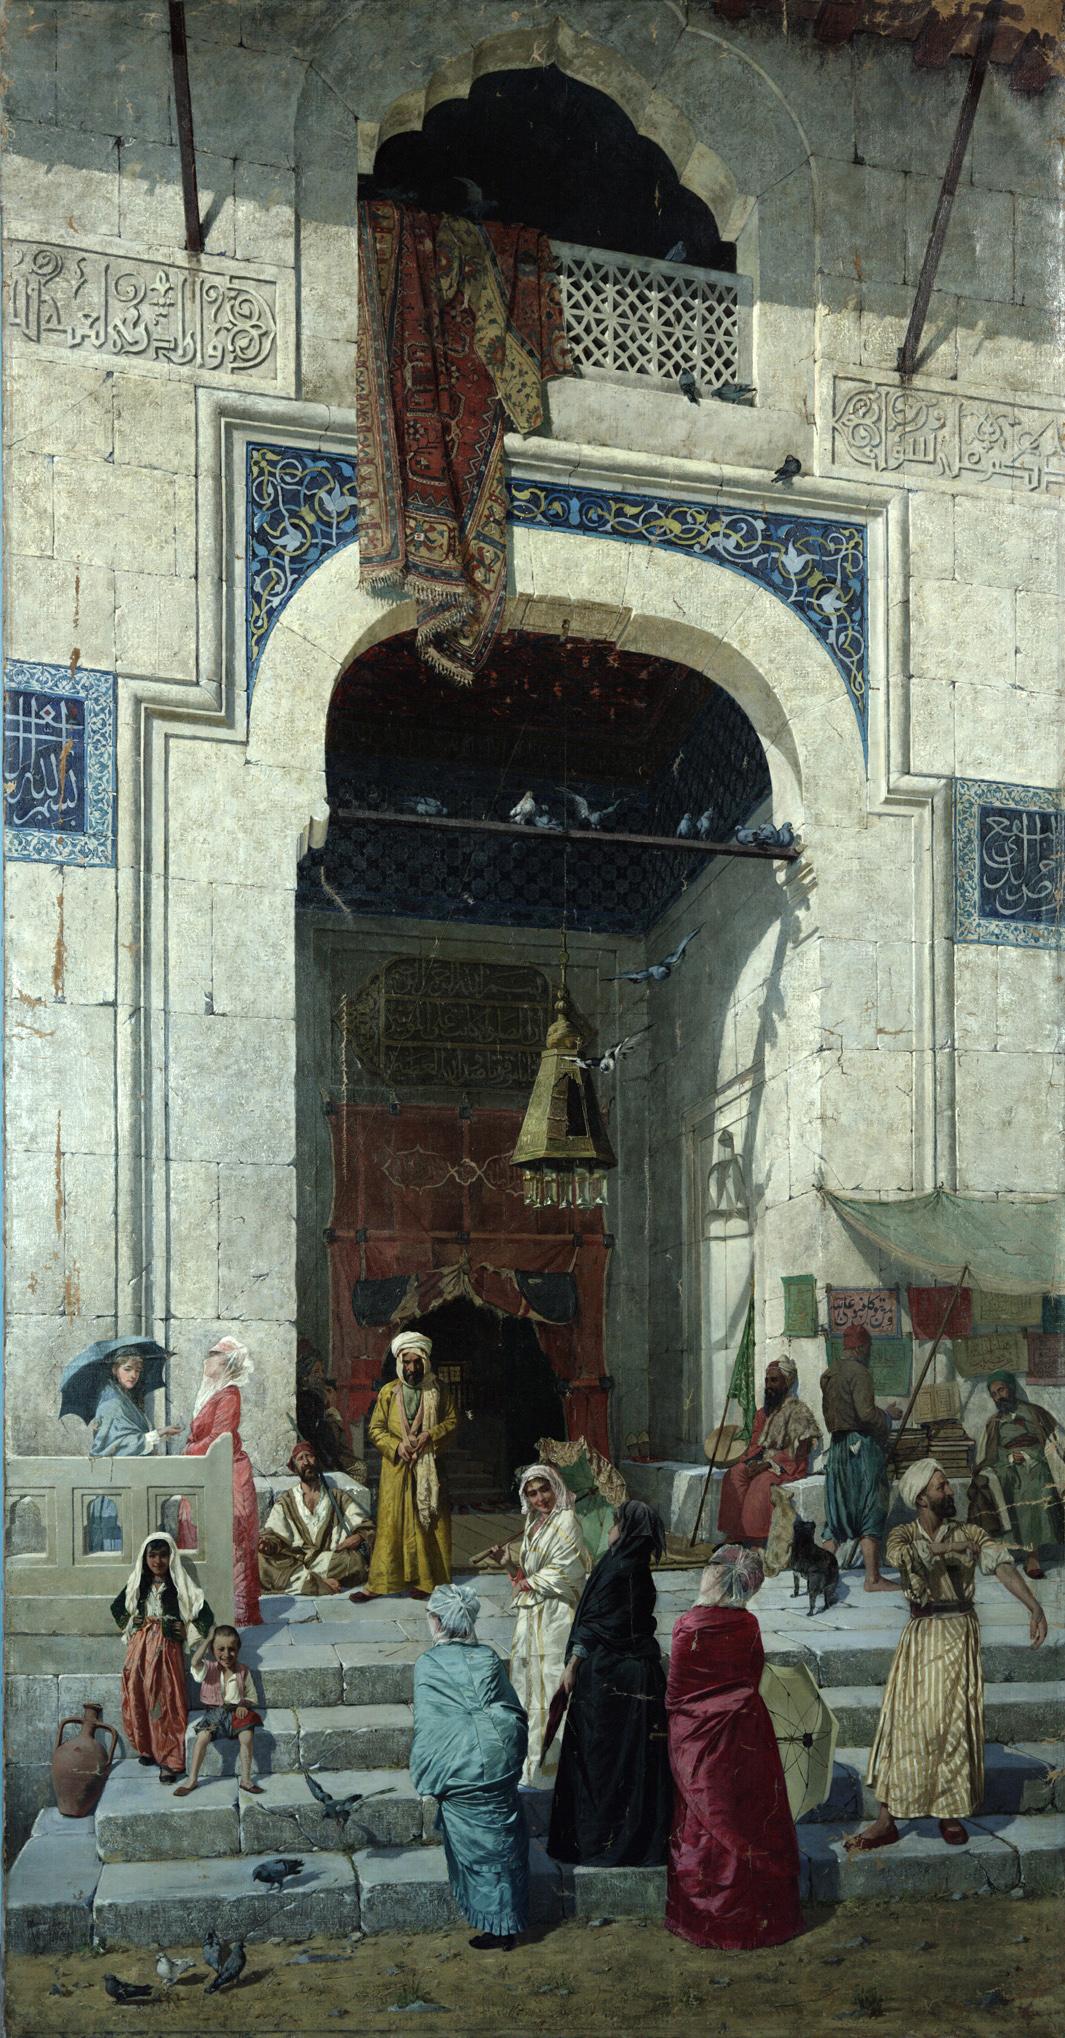 2_MosqueDoor